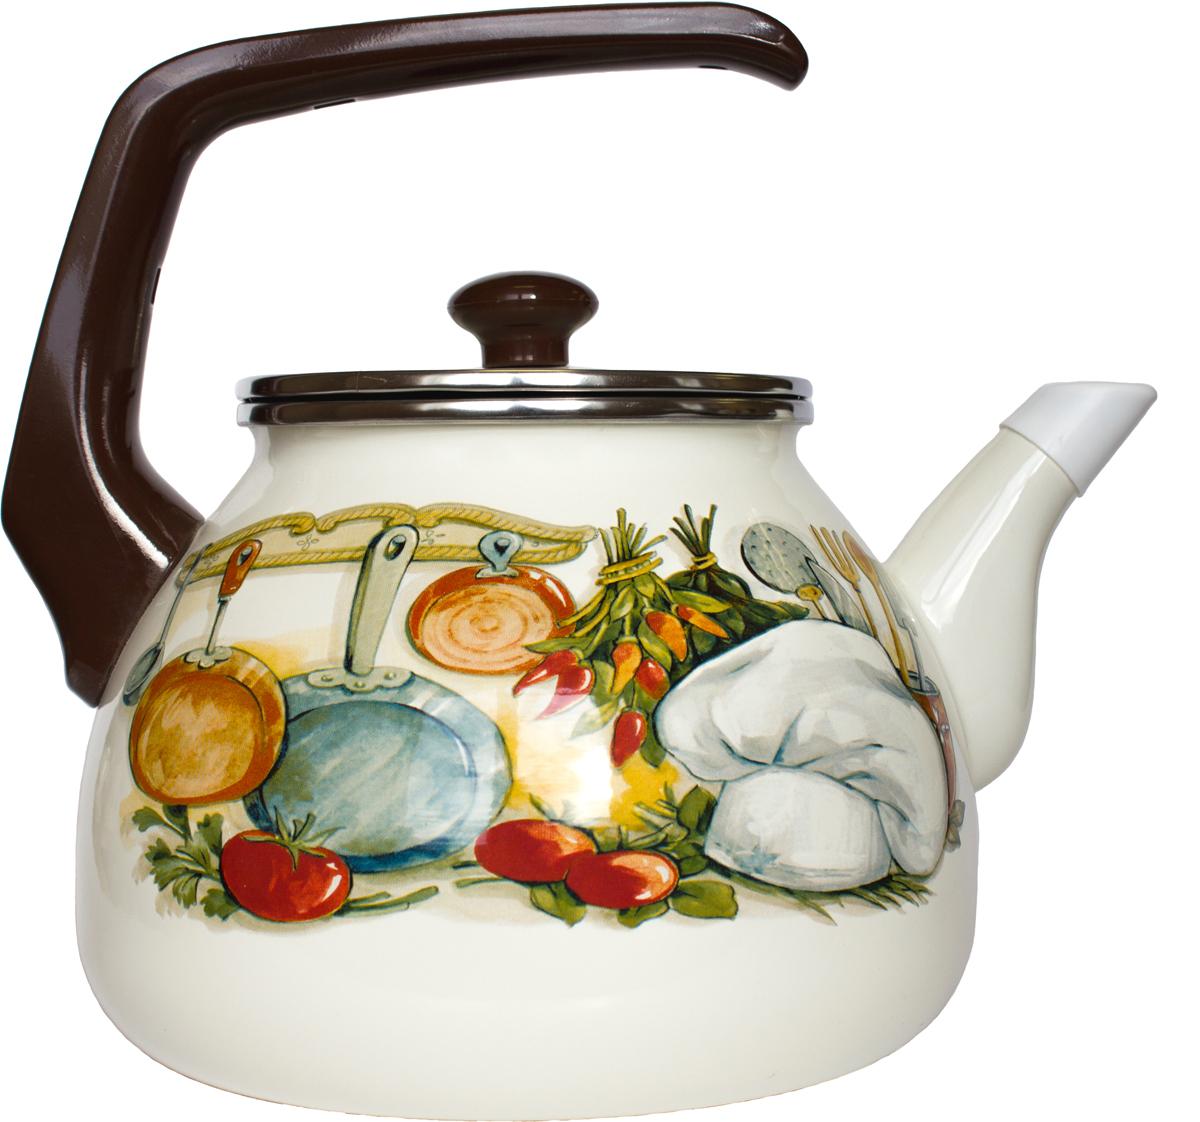 Чайник Interos выполнен из двойного покрытия эмали. Ручка удобной эргономичной формы выполнена из бакелита, не нагревается при использовании. Чайник оснащен стеклянной крышкой.Можно использовать на всех видах плит.Можно мыть в посудомоечной машине.